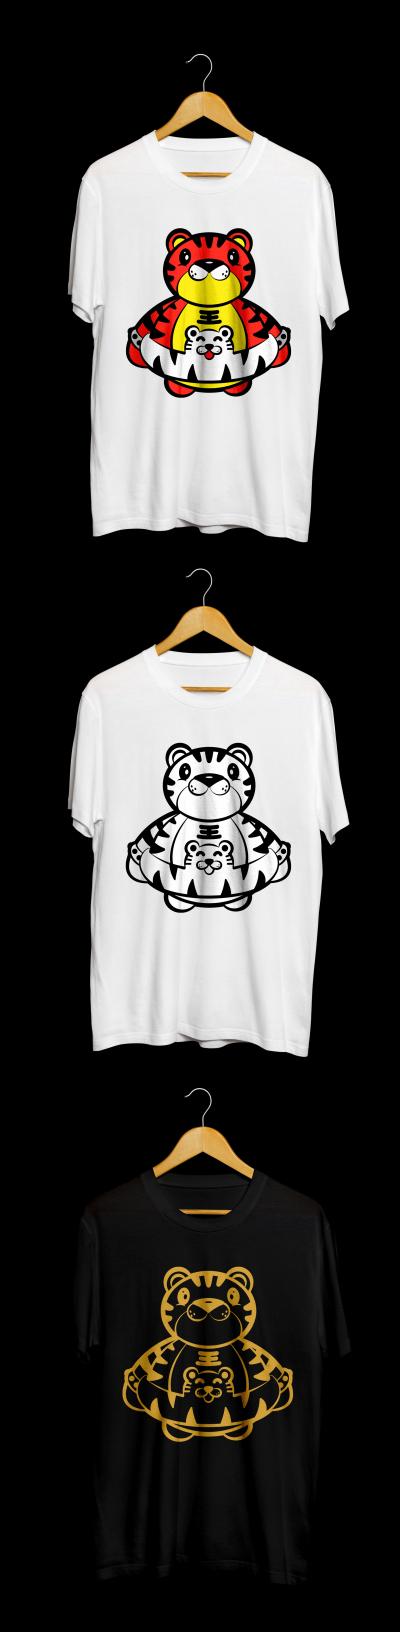 插画---潮流T恤衫